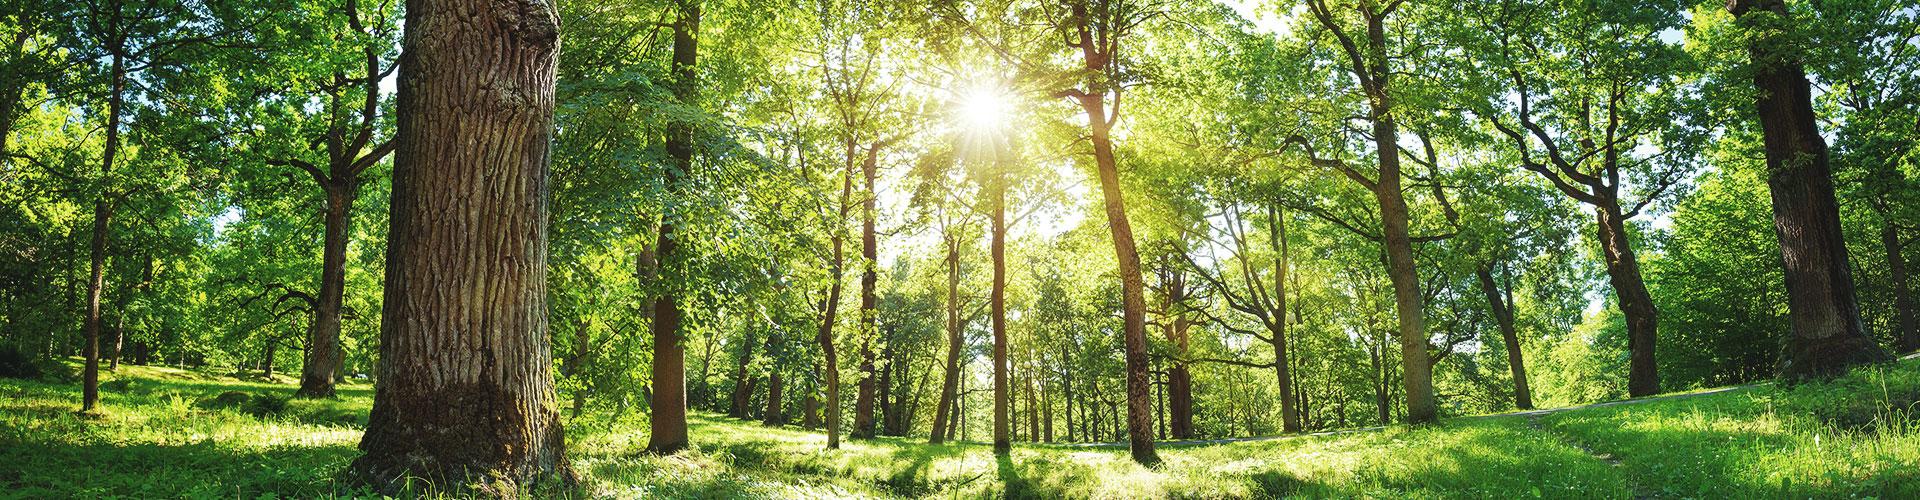 Die tiefstehende Sonne fällt durch das grüne Blattwerk eines Waldes